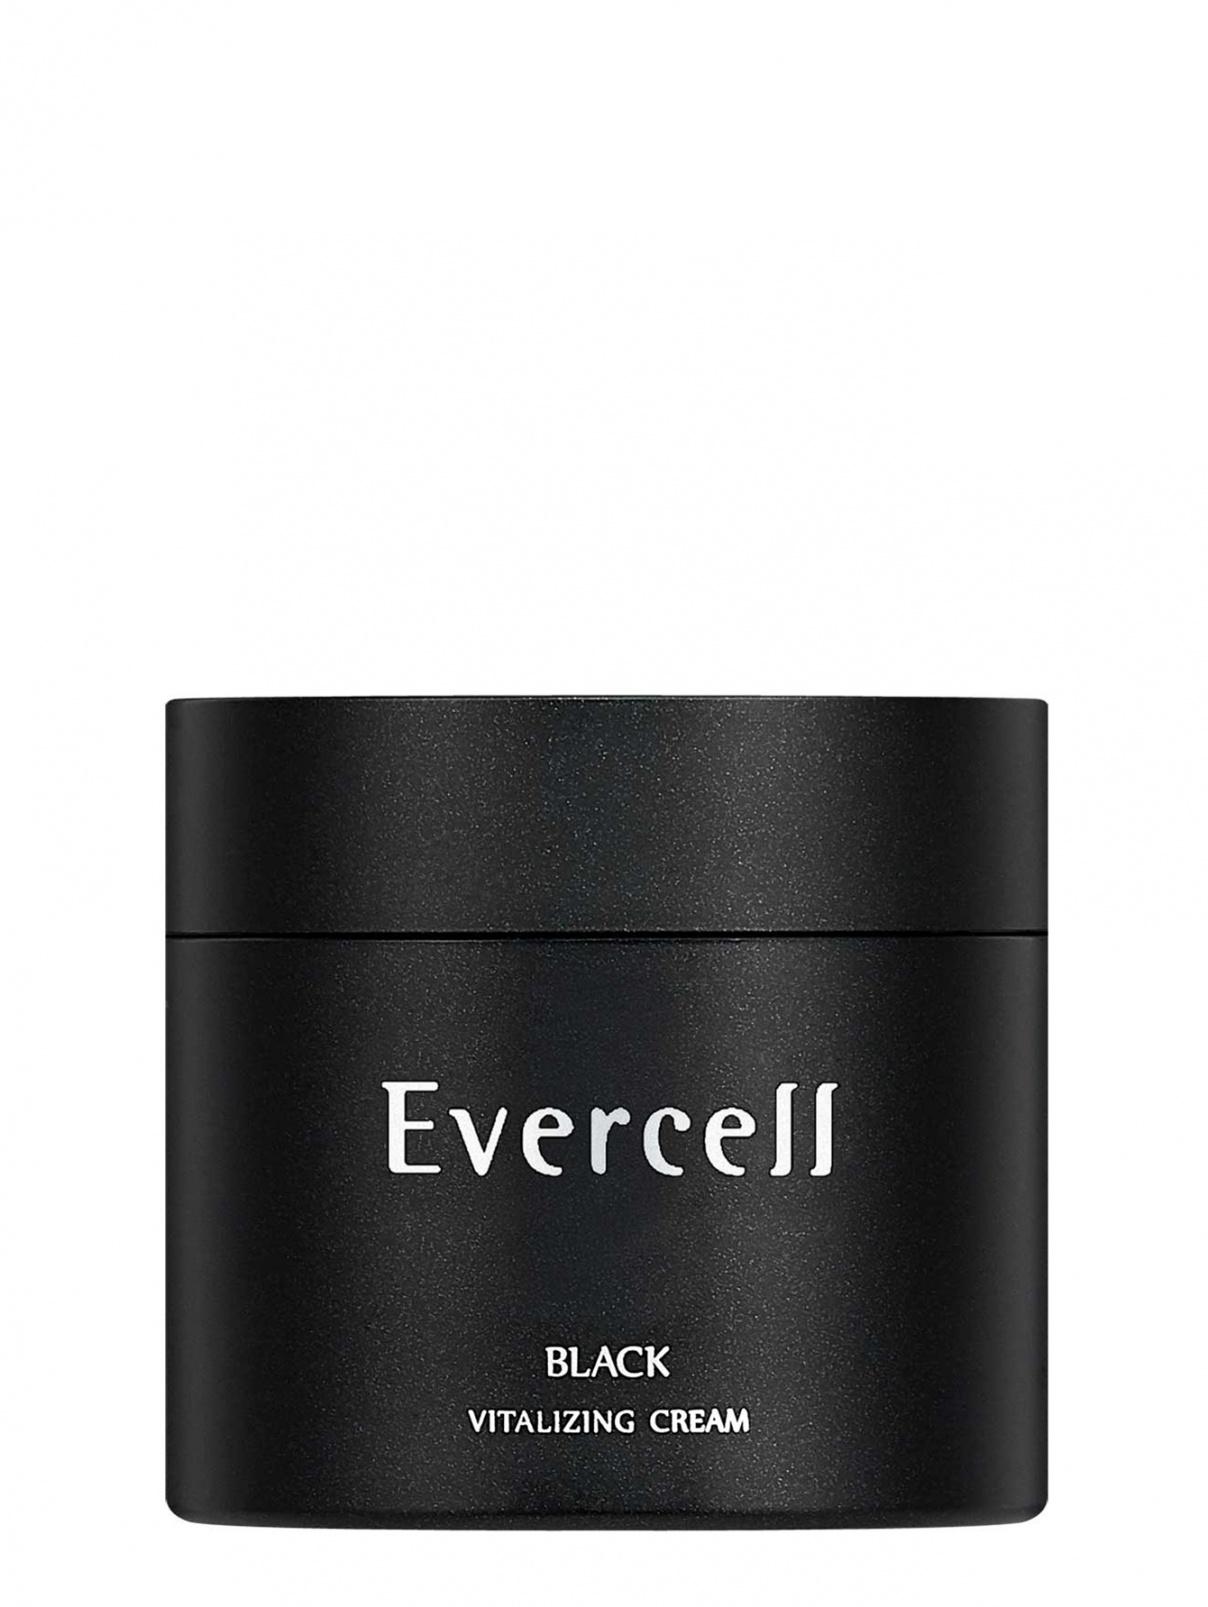 Восстанавливающий клеточный крем Black Vitalizing Cream, 50 мл Evercell  –  Общий вид